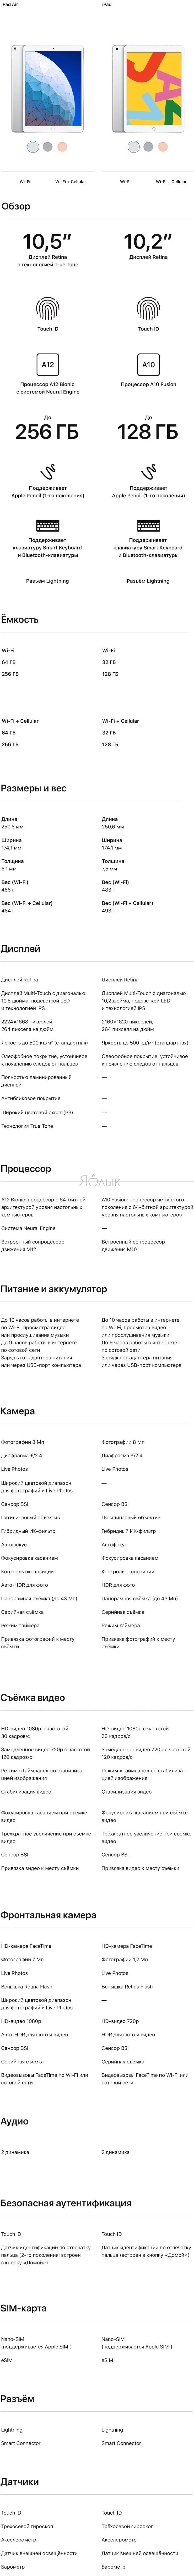 Сравнение iPad Air 3 и iPad 7 (2019)